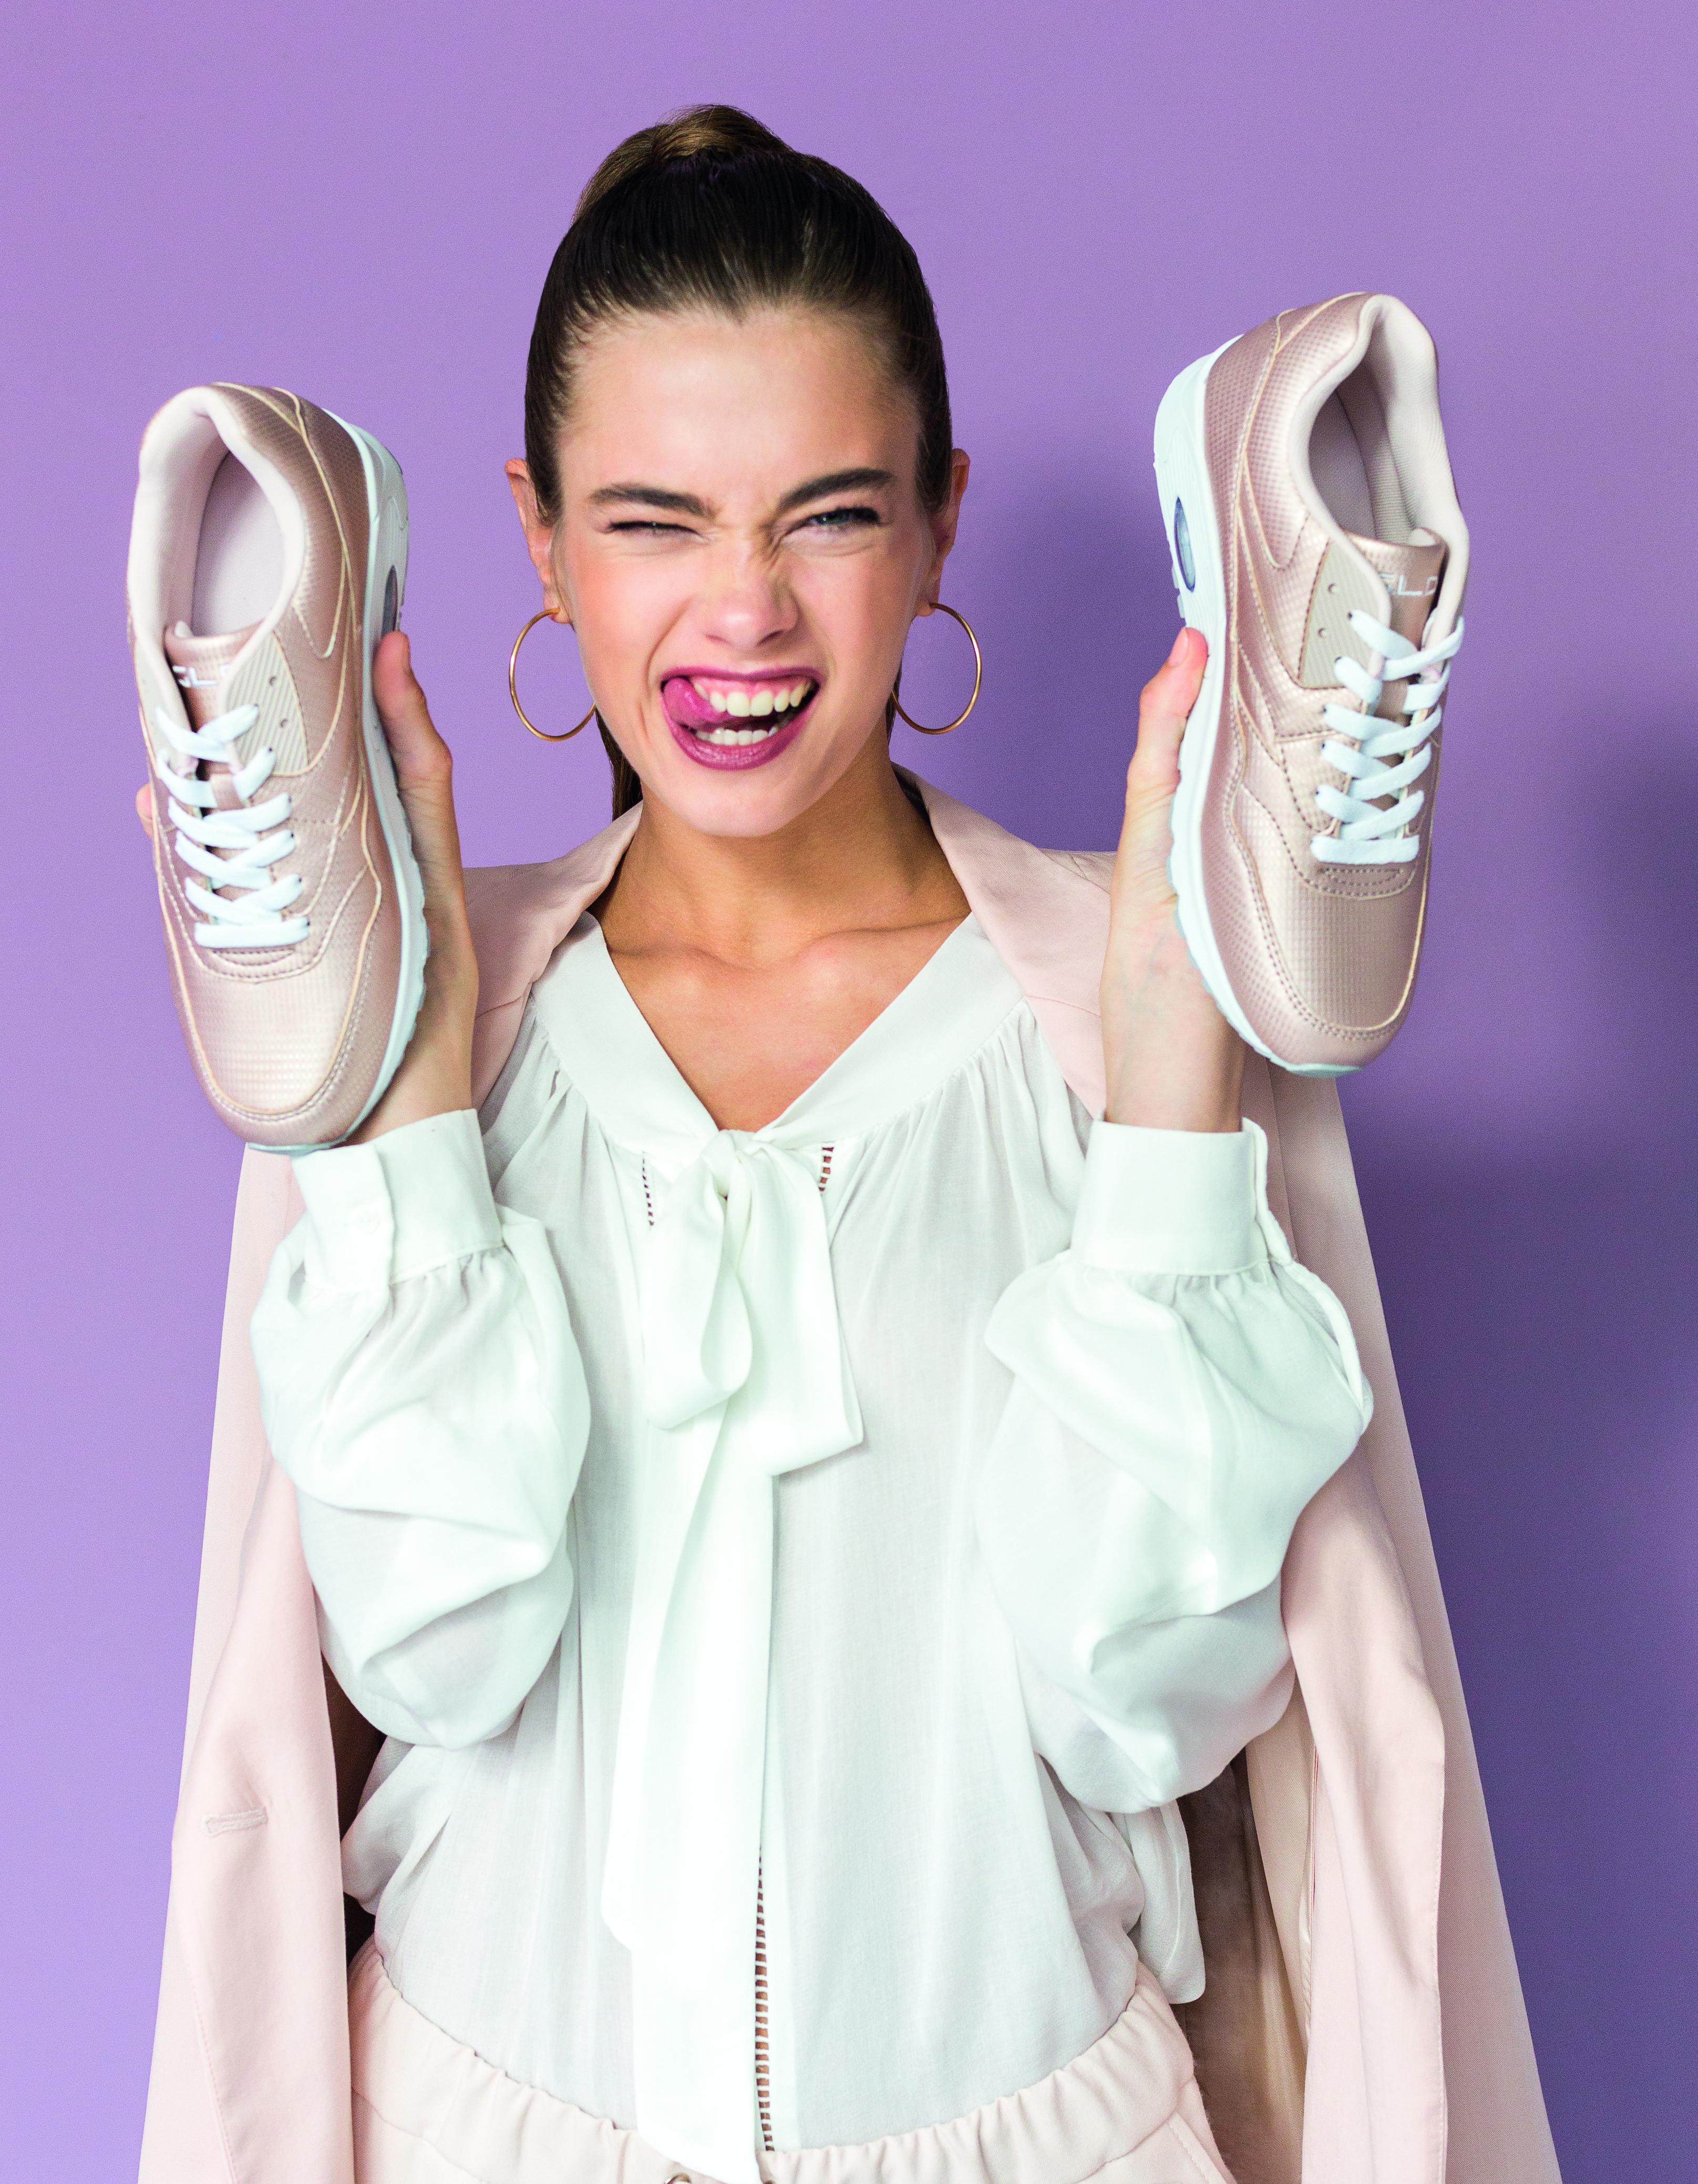 Baleríny nebo tenisky? Vyberte si trendy boty z kolekce Deichmann podzim/zima 2016